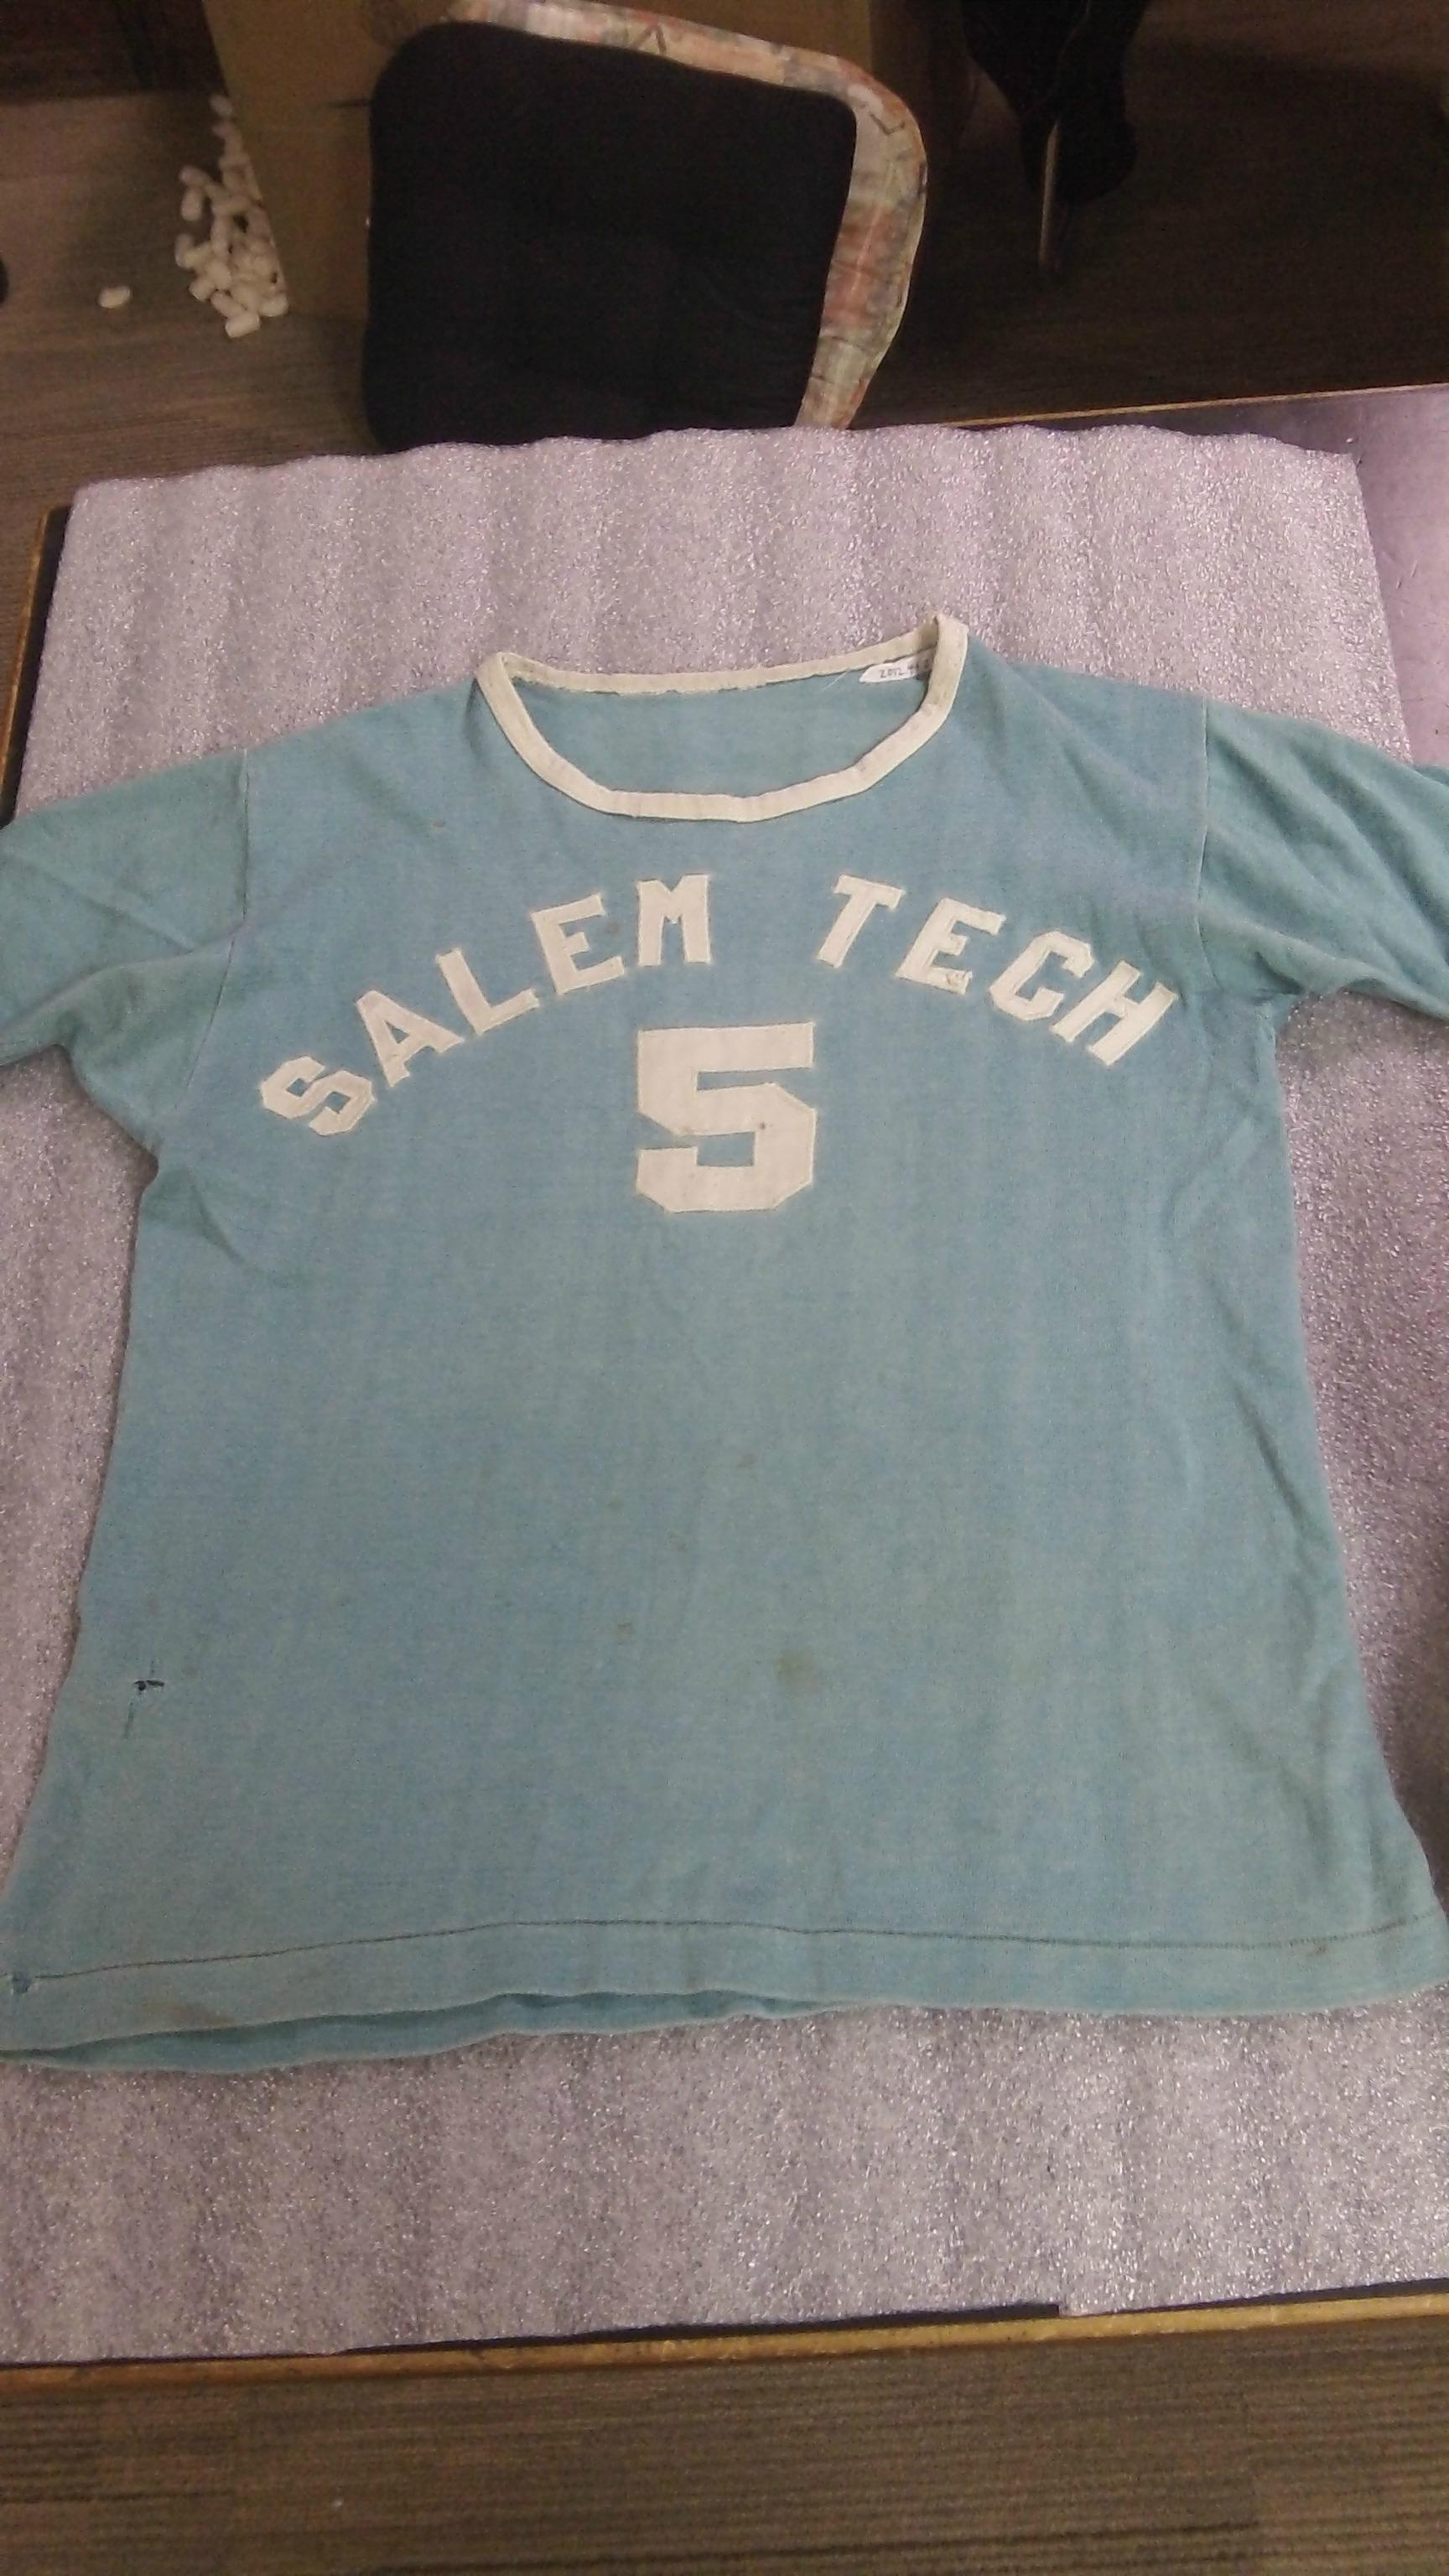 Salem Tech Jersey.  2012.044.0002. WHC.